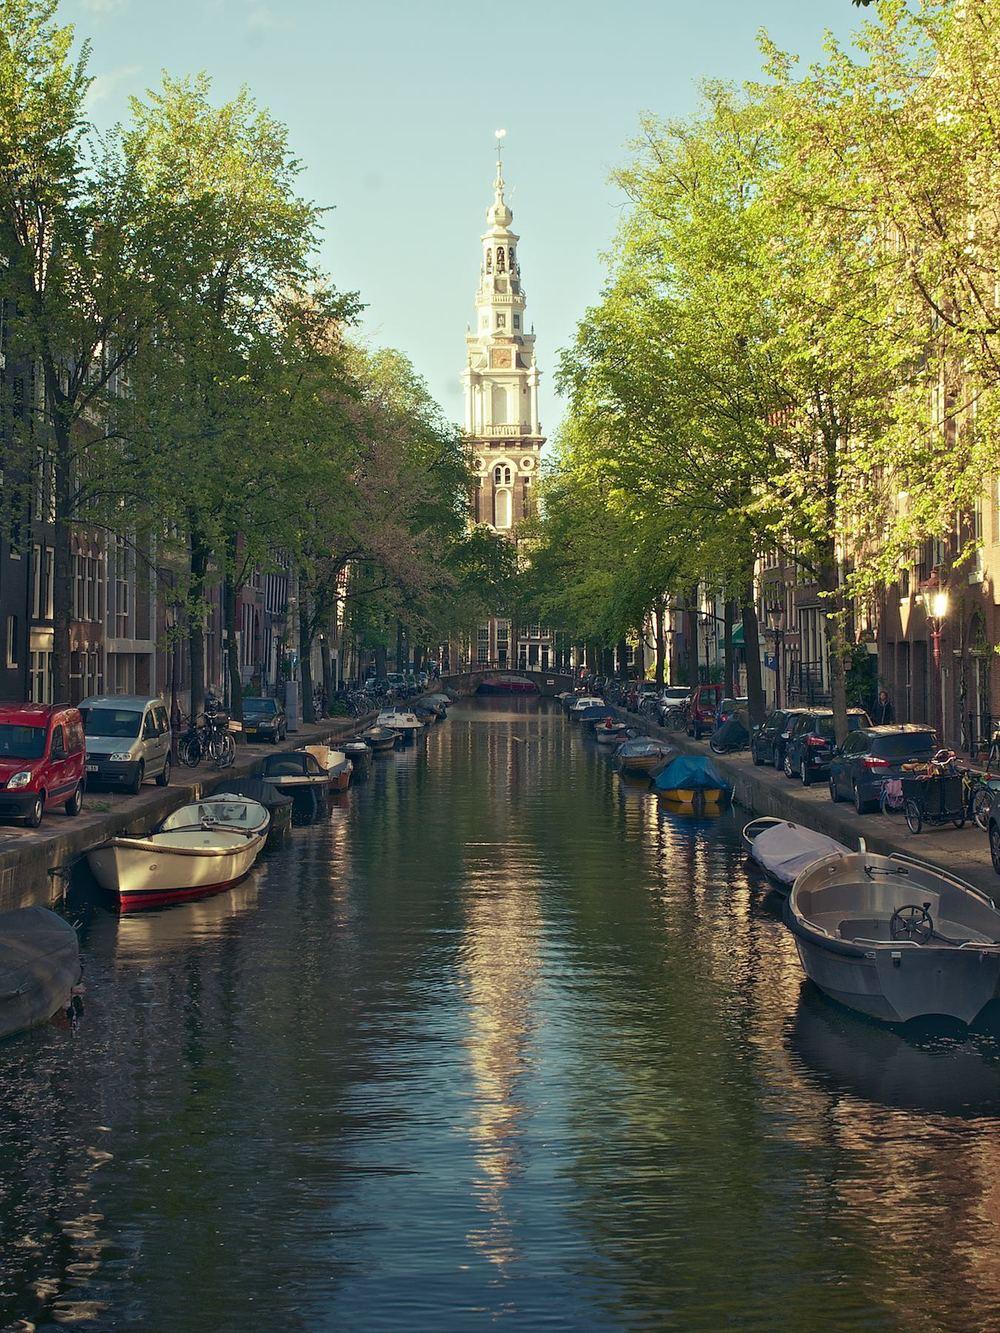 Canal & Church